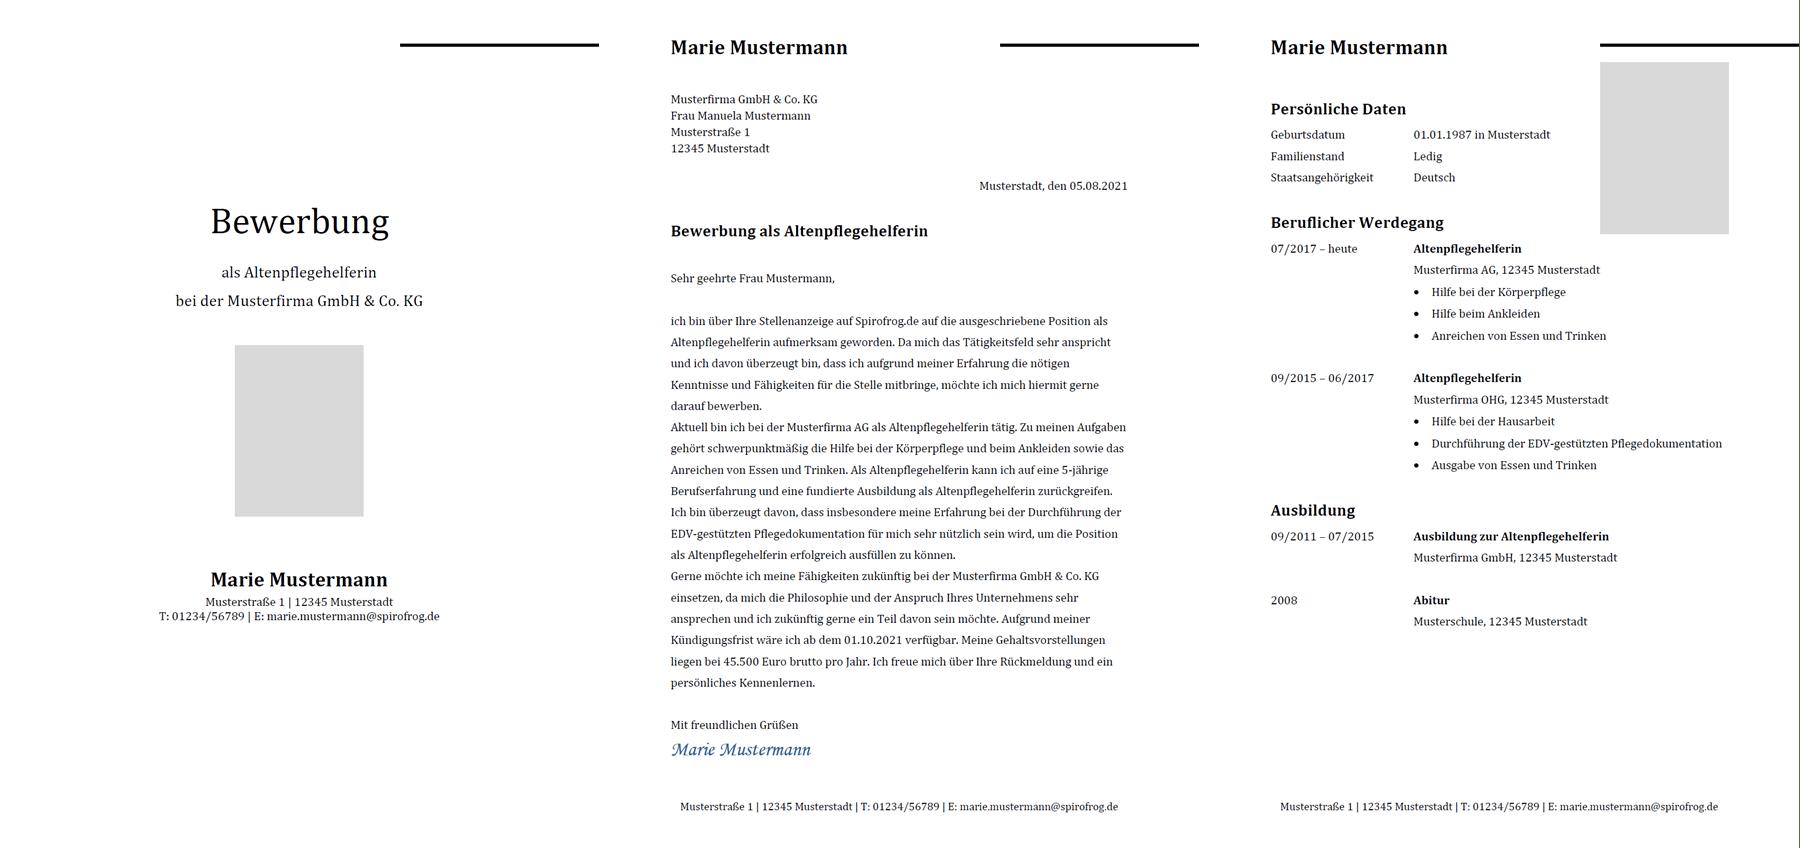 Vorlage / Muster: Bewerbung Altenpflegehelfer / Altenpflegehelferin